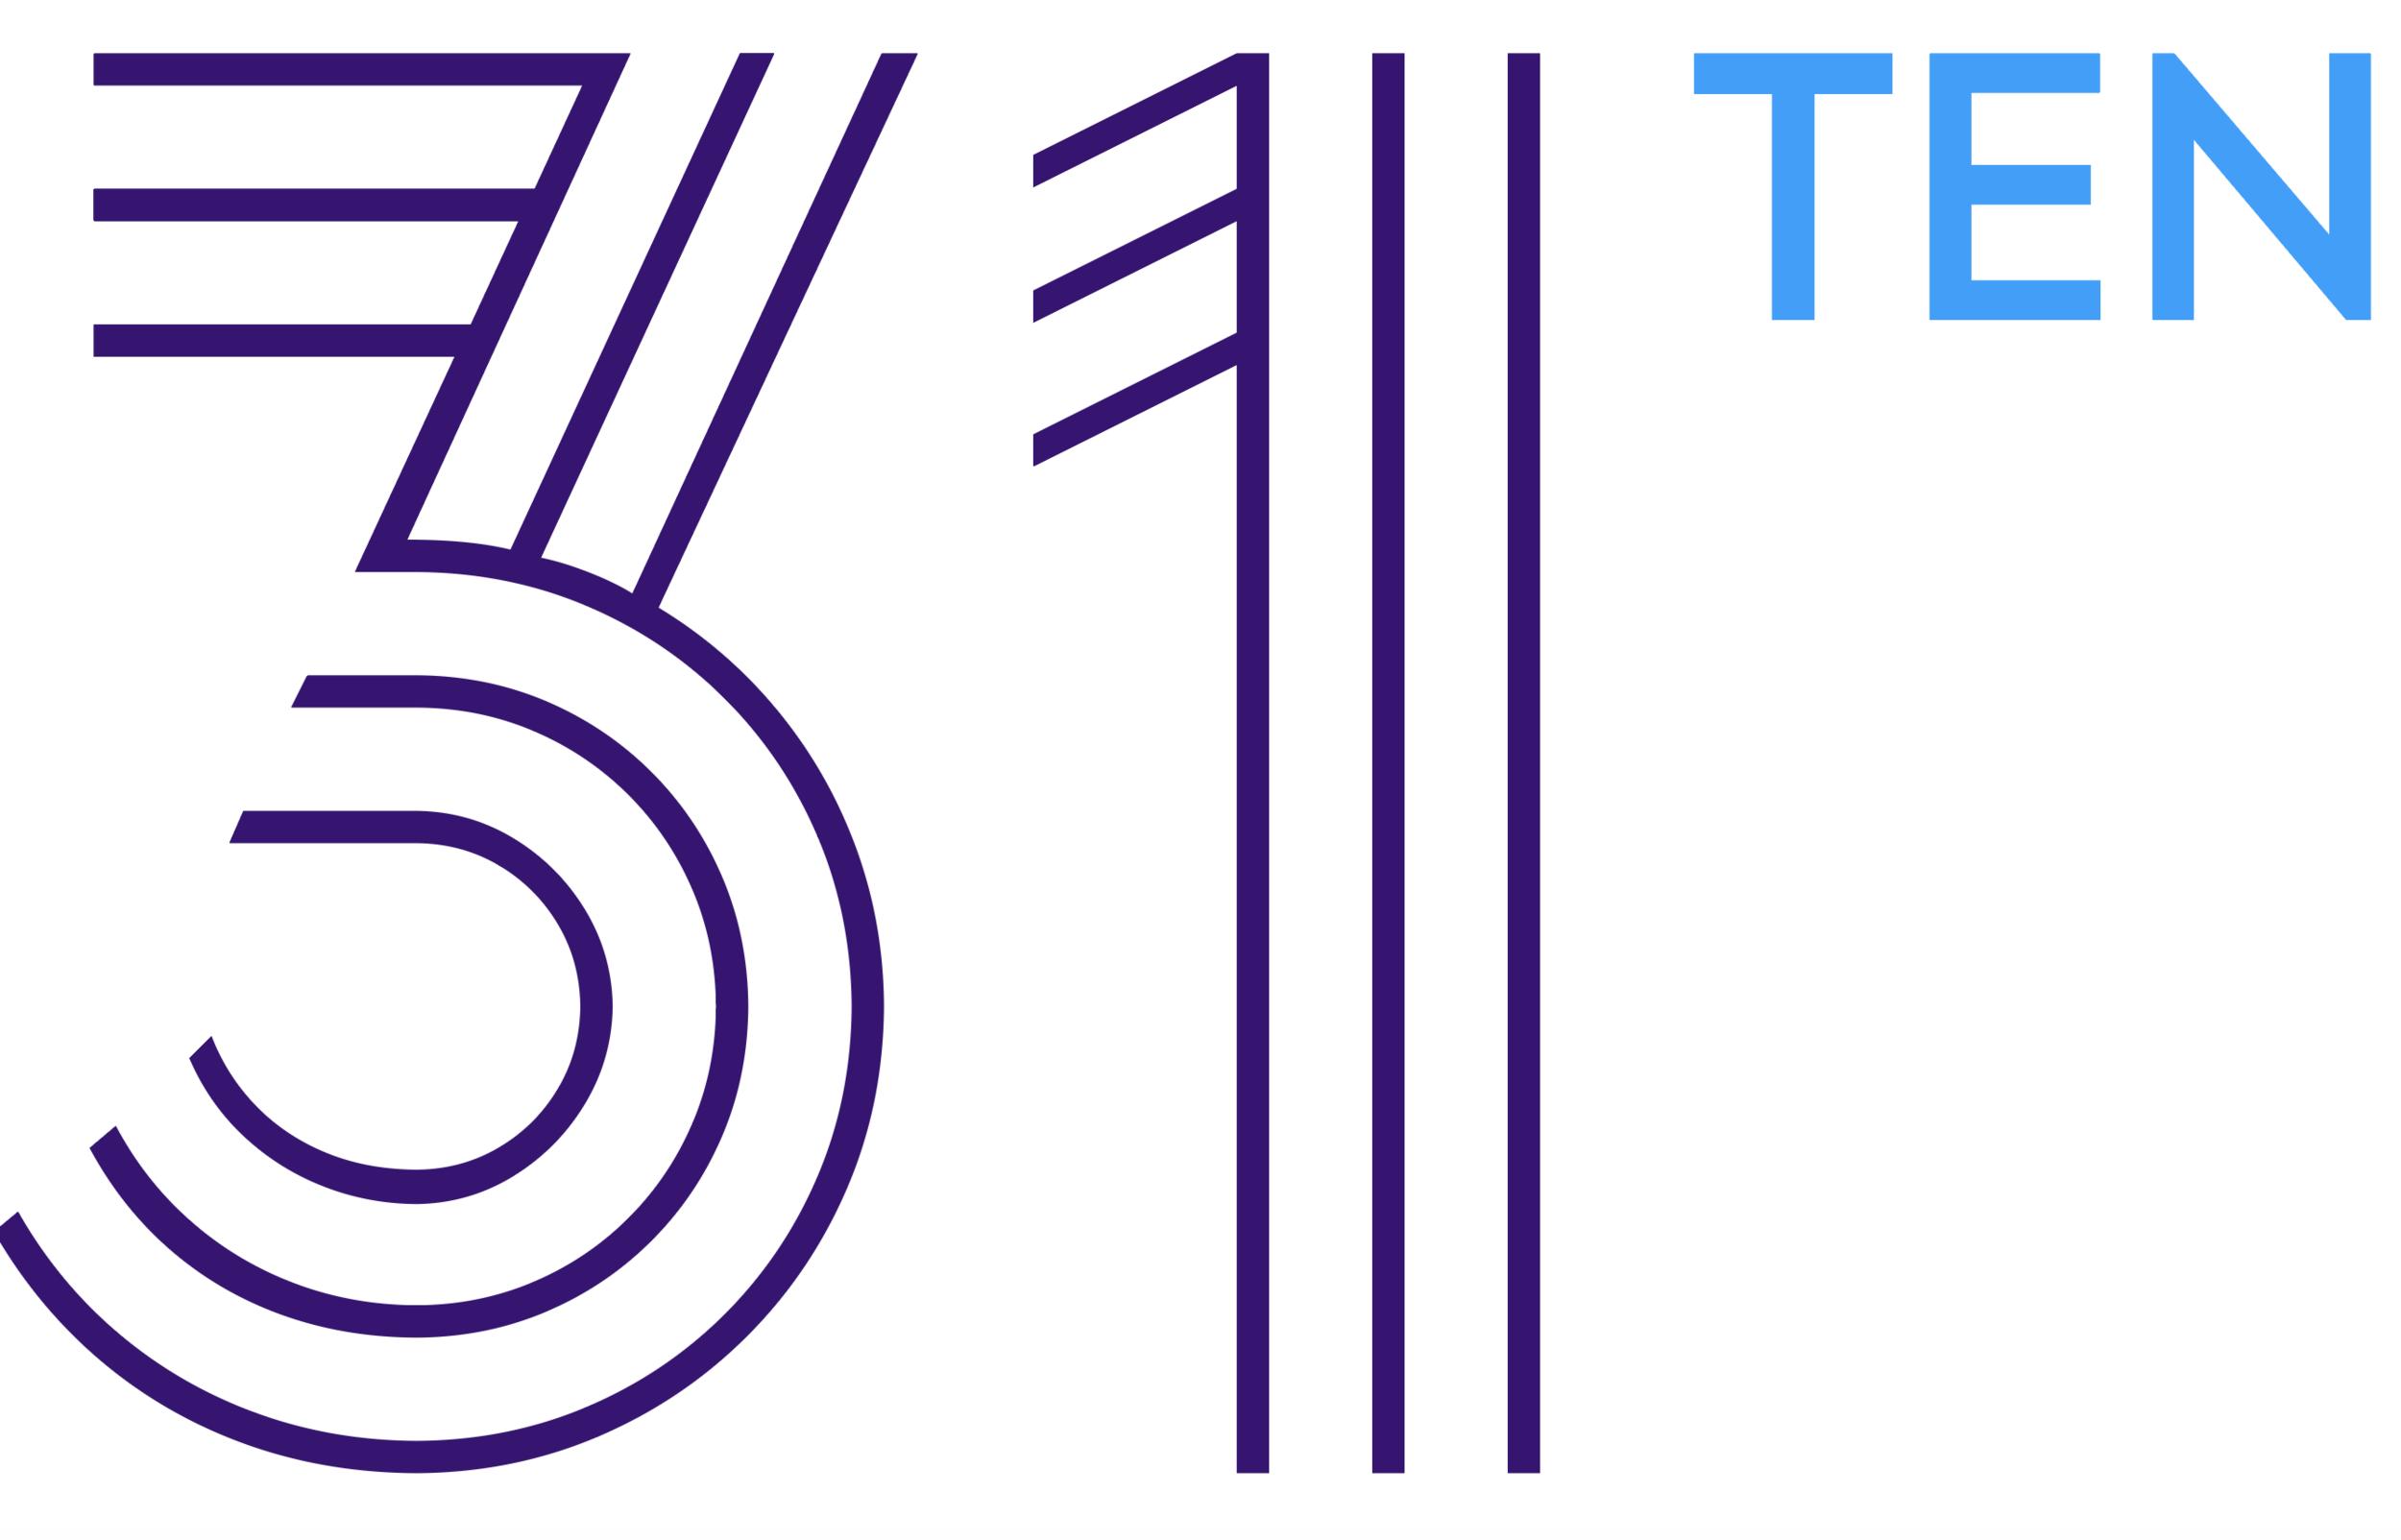 31ten logo.png